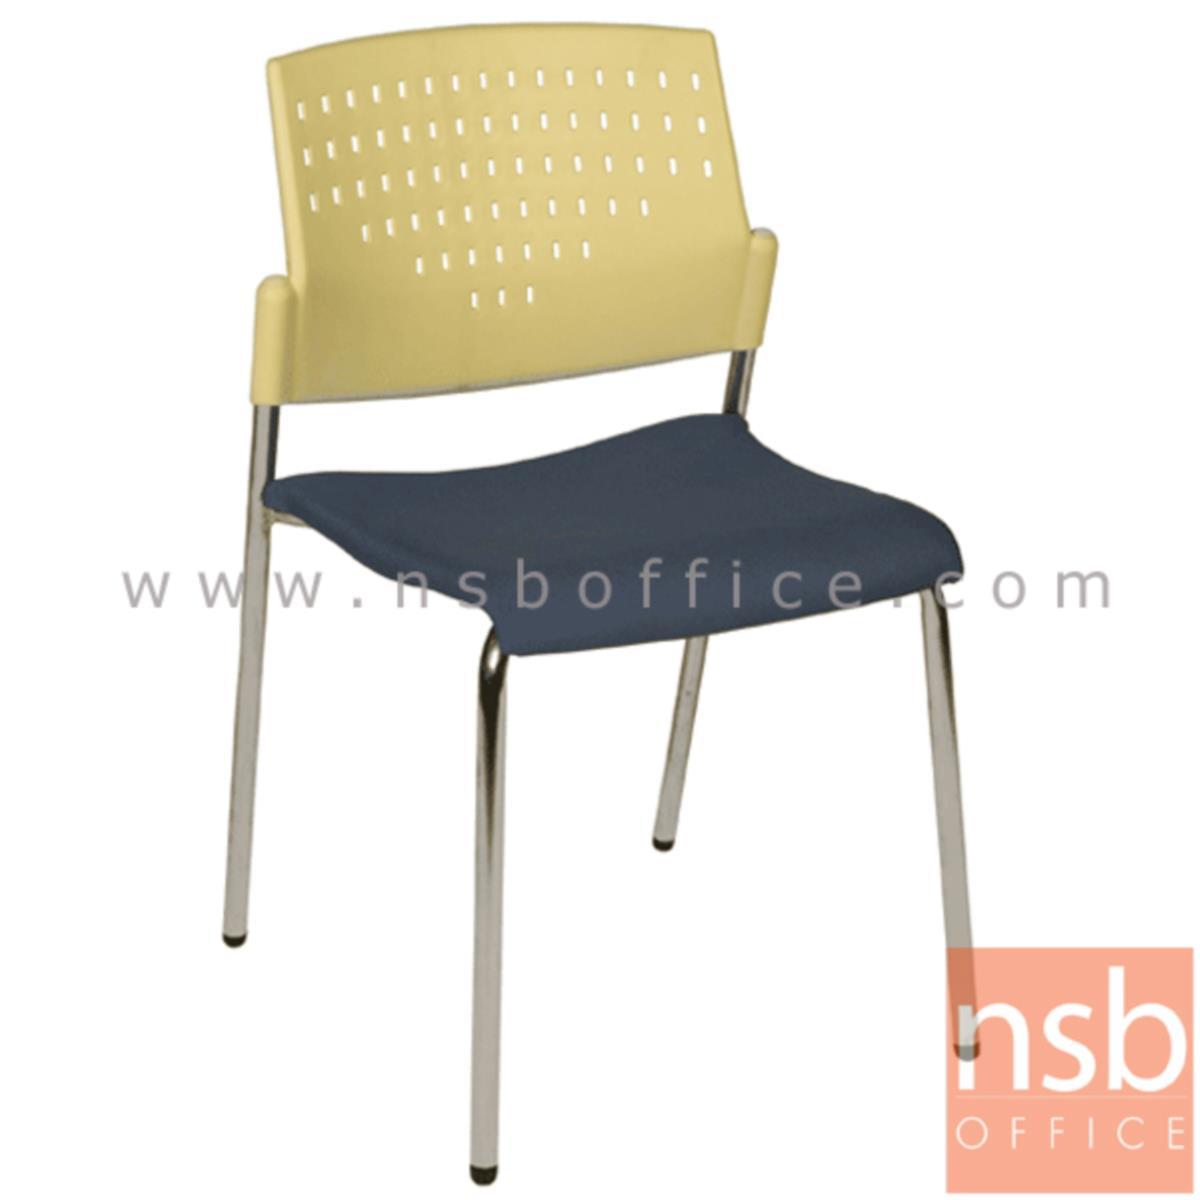 B05A039:เก้าอี้อเนกประสงค์เฟรมโพลี่ รุ่น A1-216  ขาเหล็กชุบโครเมี่ยม